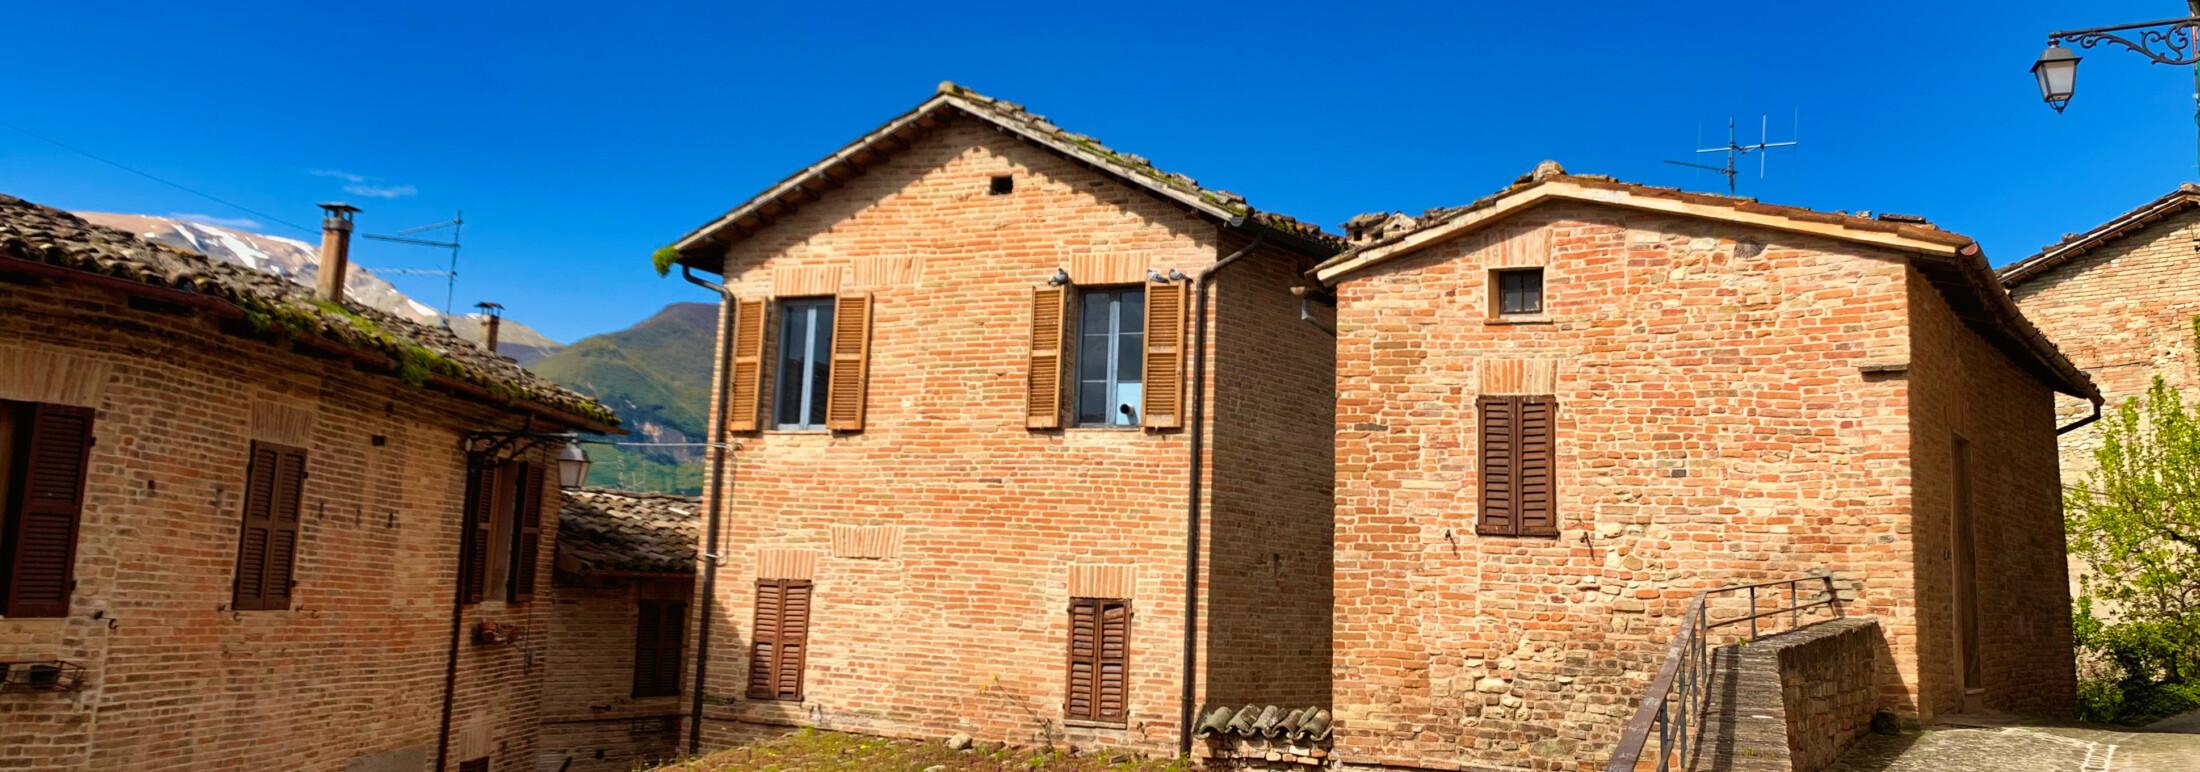 247 – Abitazione Centro Storico con Giardino